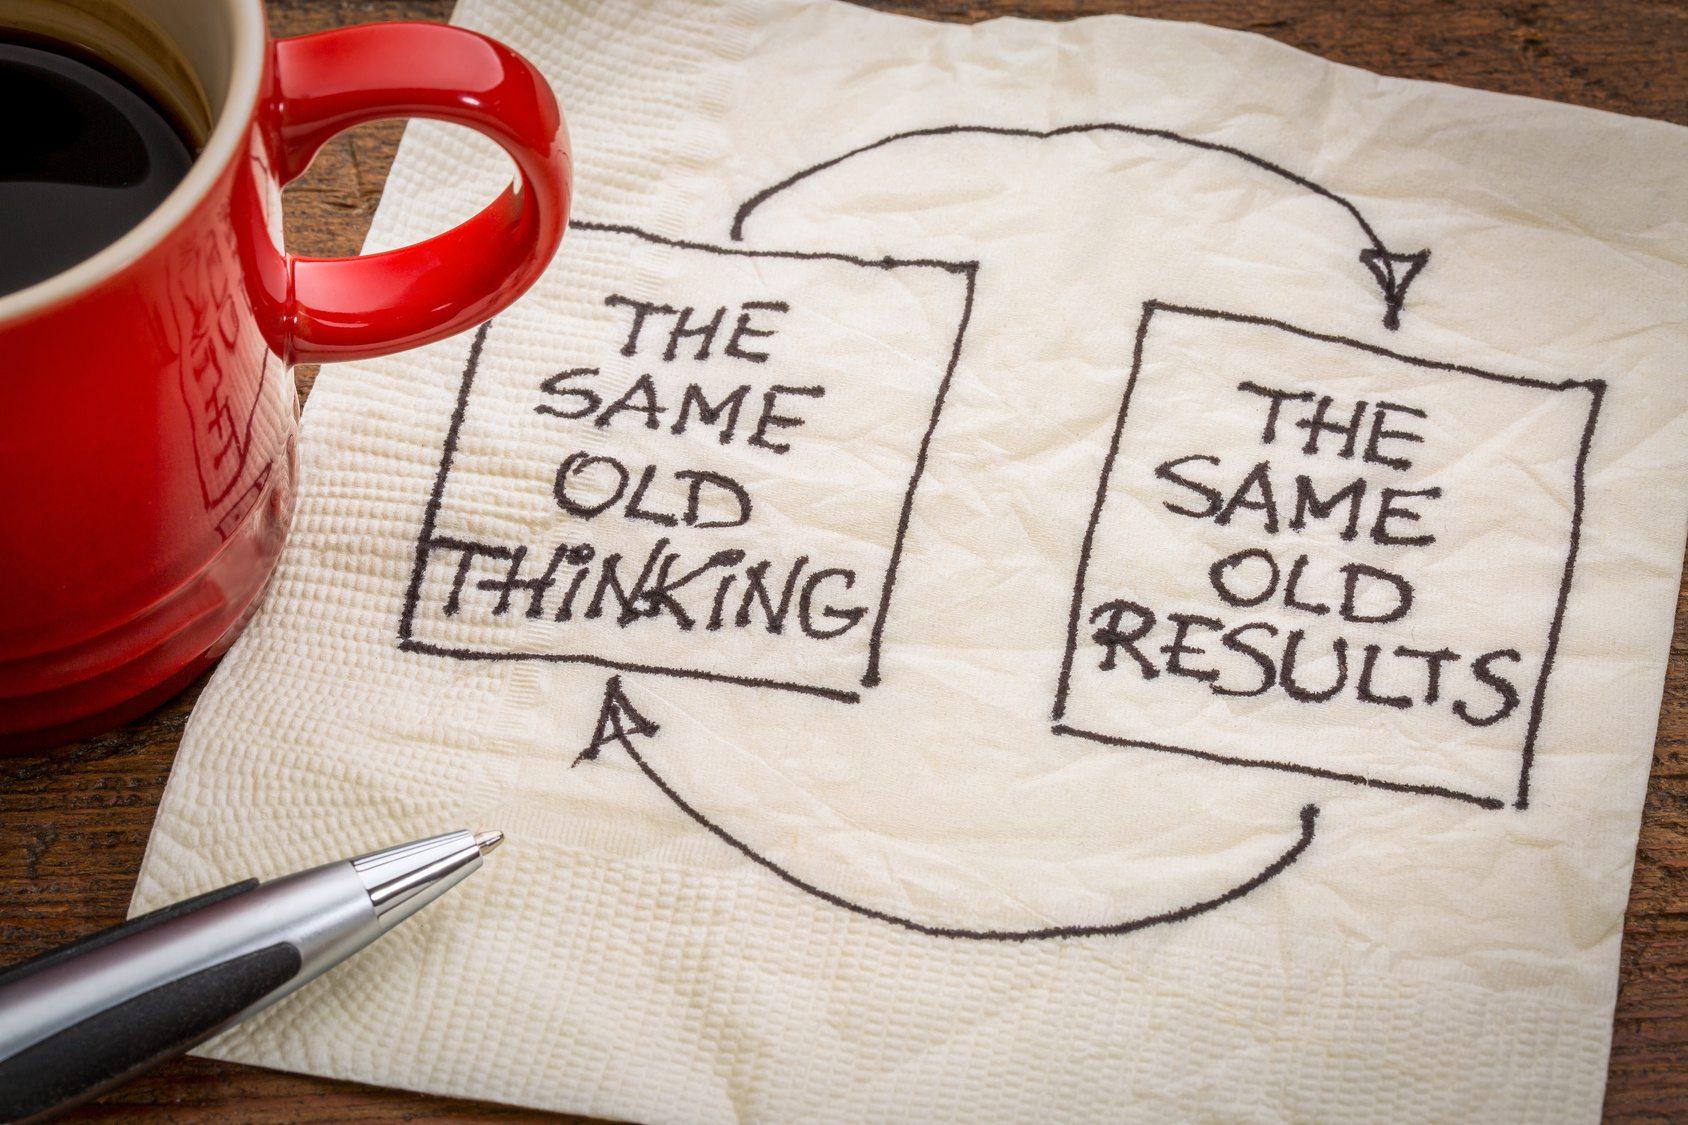 Ketterä tuotekehitys vaatii ajatusmallin muutosta